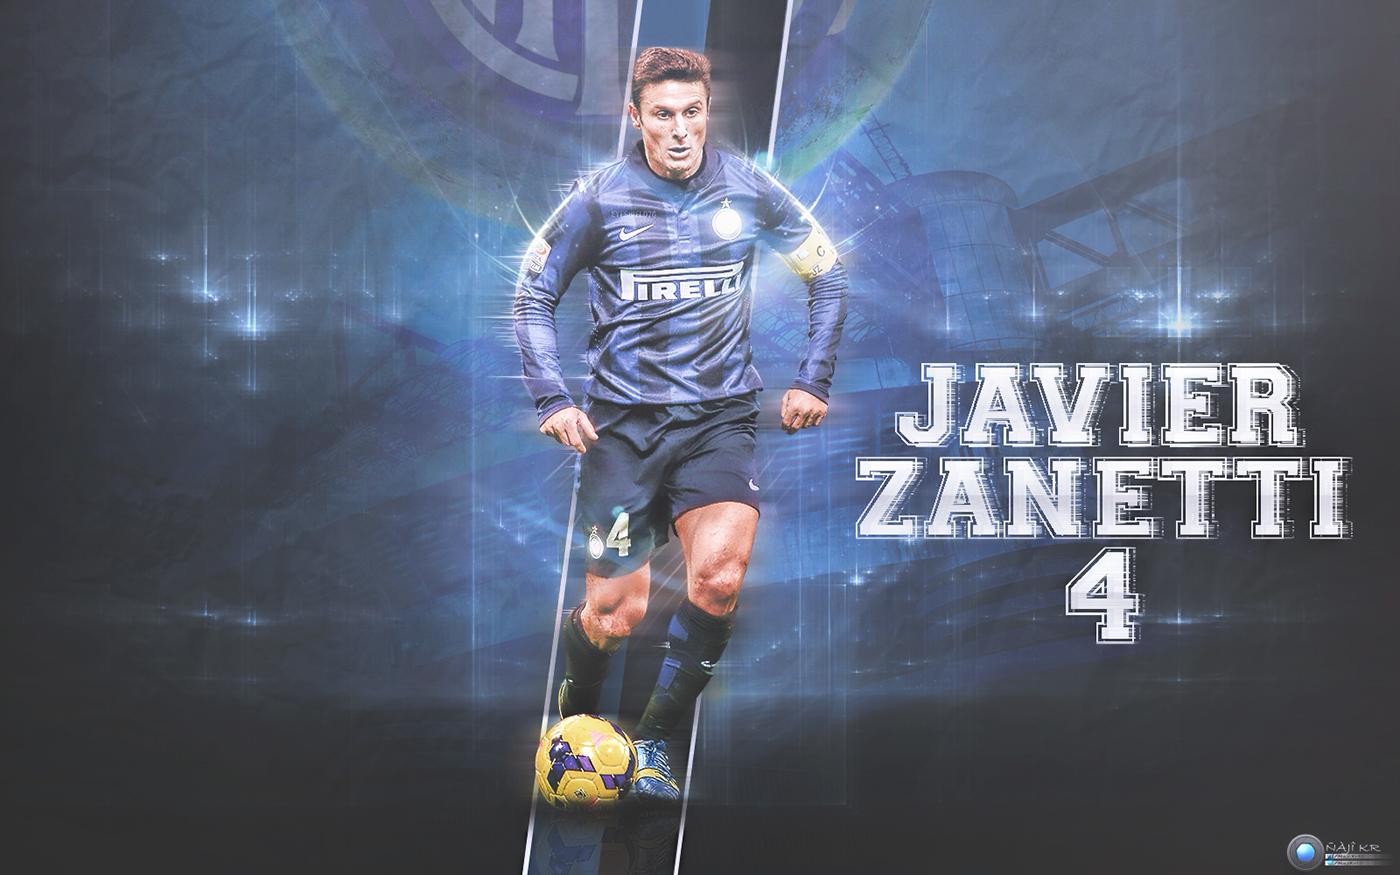 Javier Zanetti Wallpaper on Behance